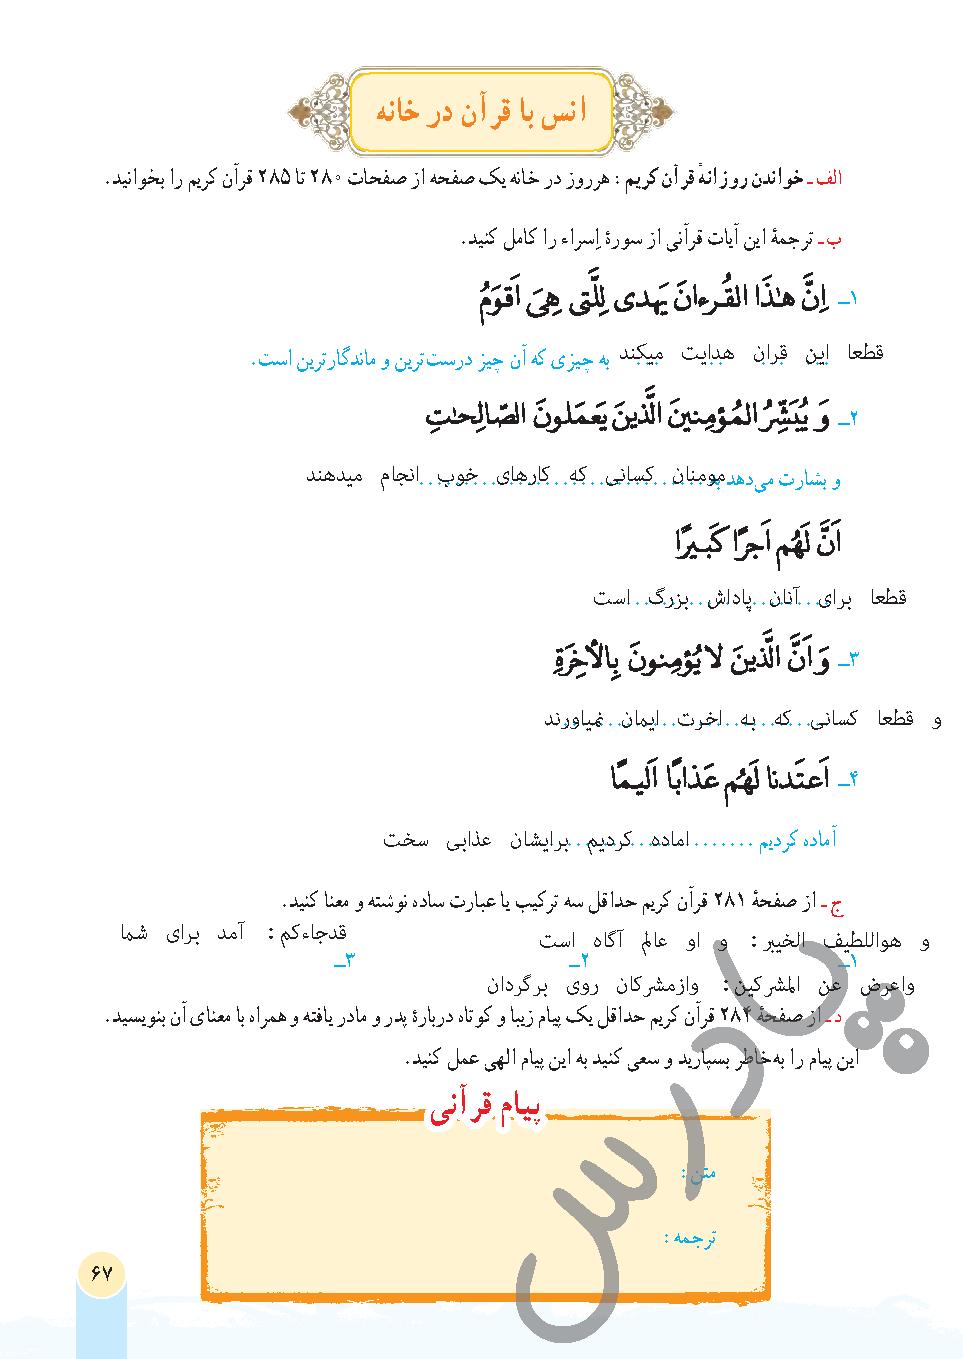 جواب انس با قرآن درس 7 قرآن هفتم - جلسه اول